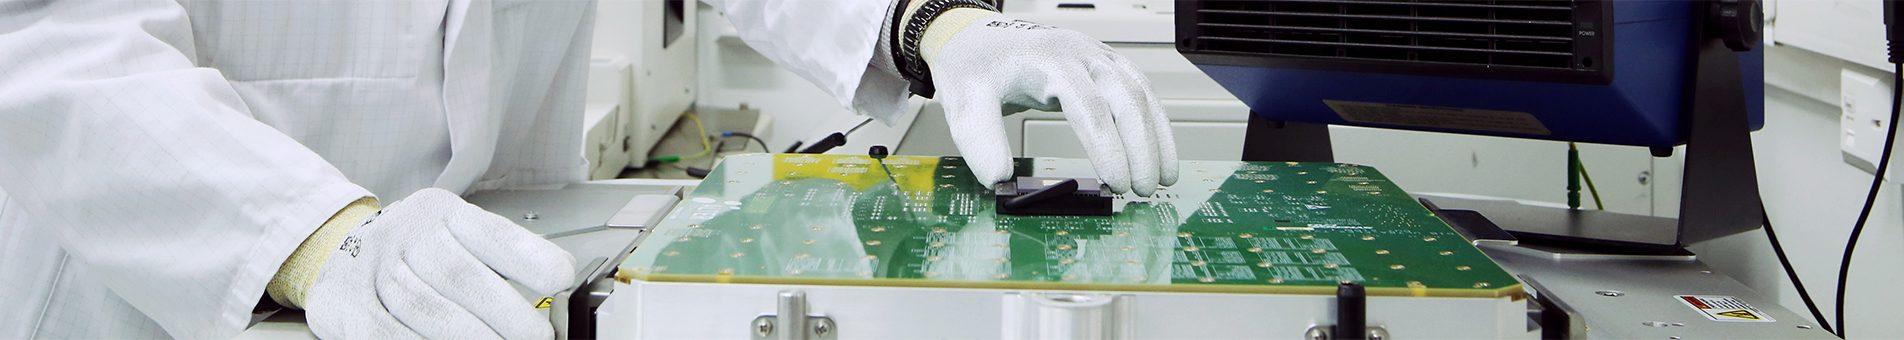 Relifing Componentes Electrónicos